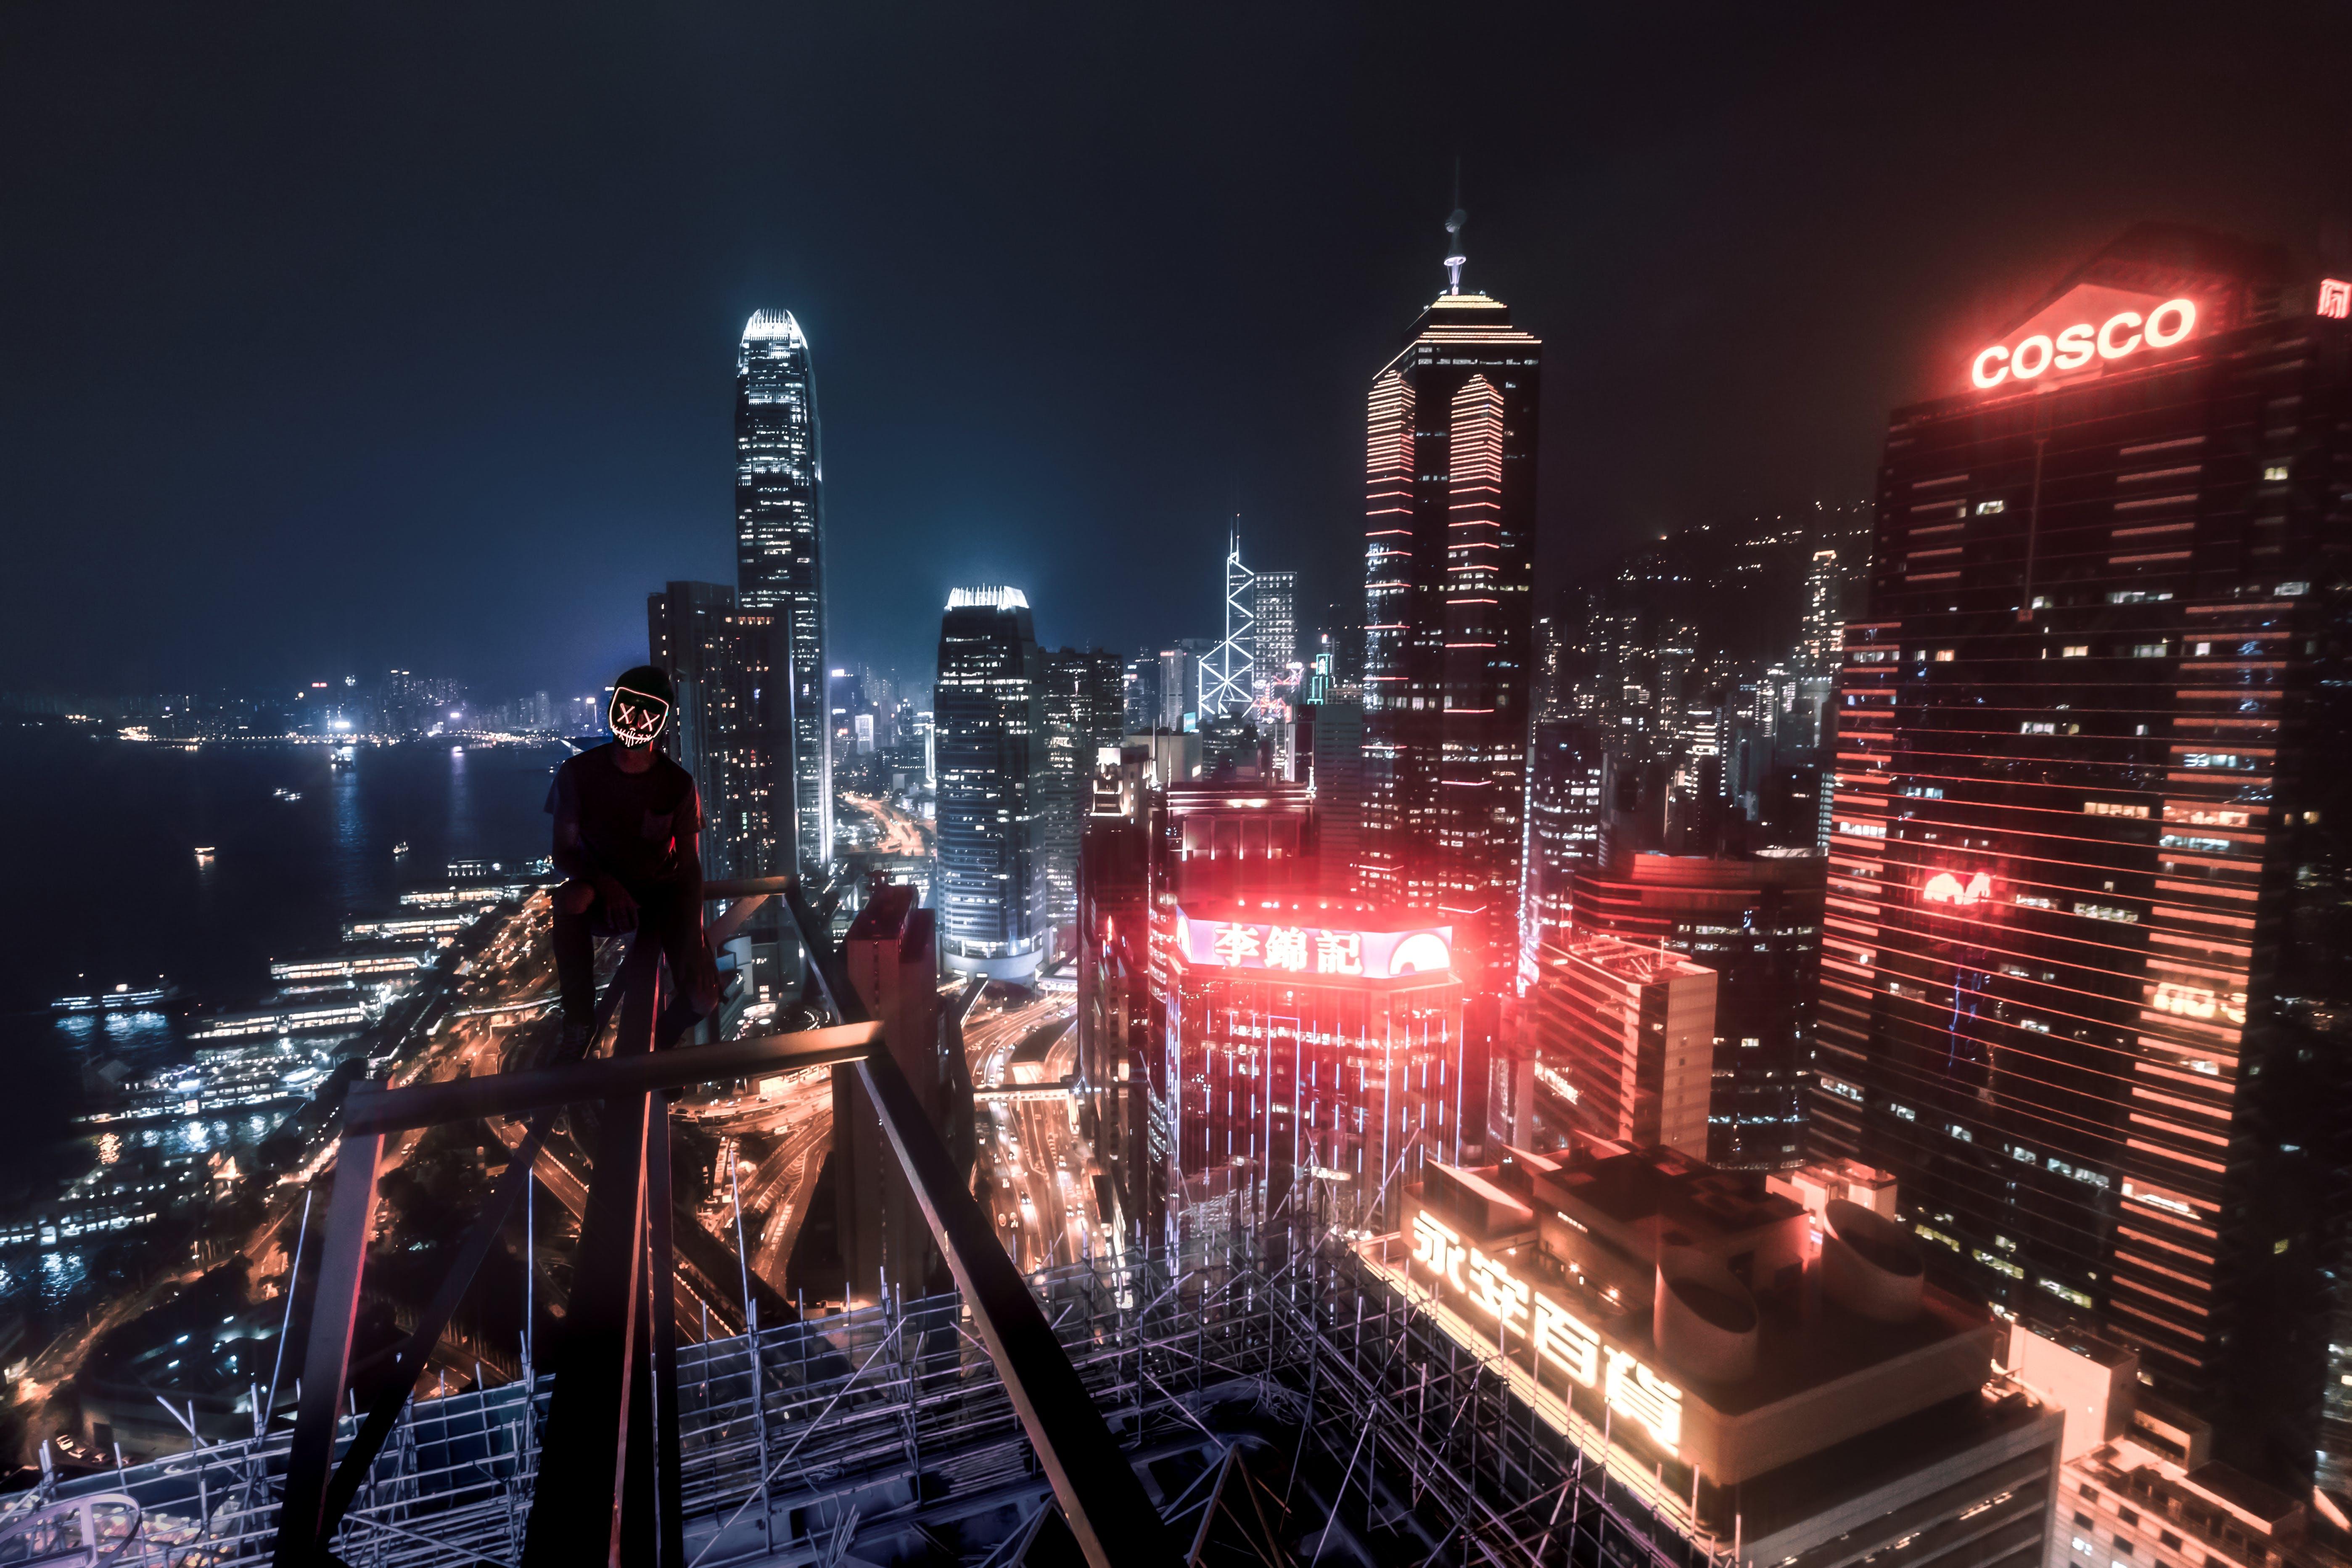 Fotos de stock gratuitas de arquitectura, edificios, el más alto, iluminado